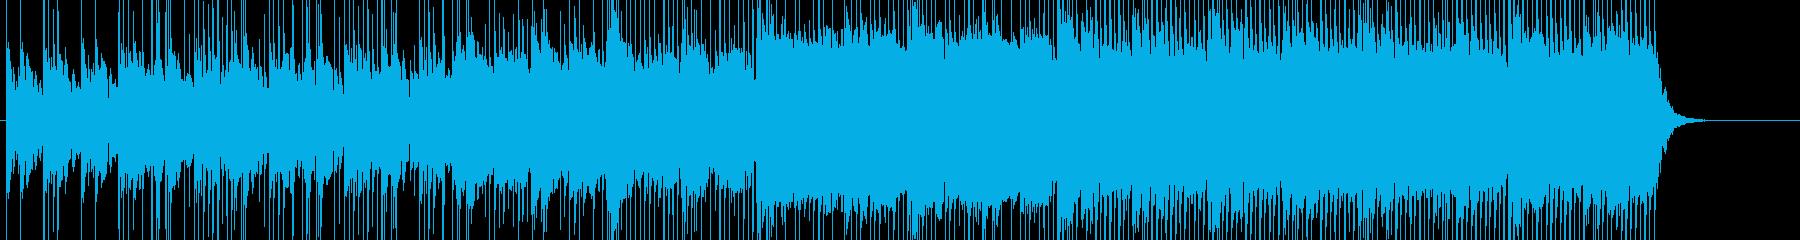 デザイン エレクトロ 近未来 ポップの再生済みの波形